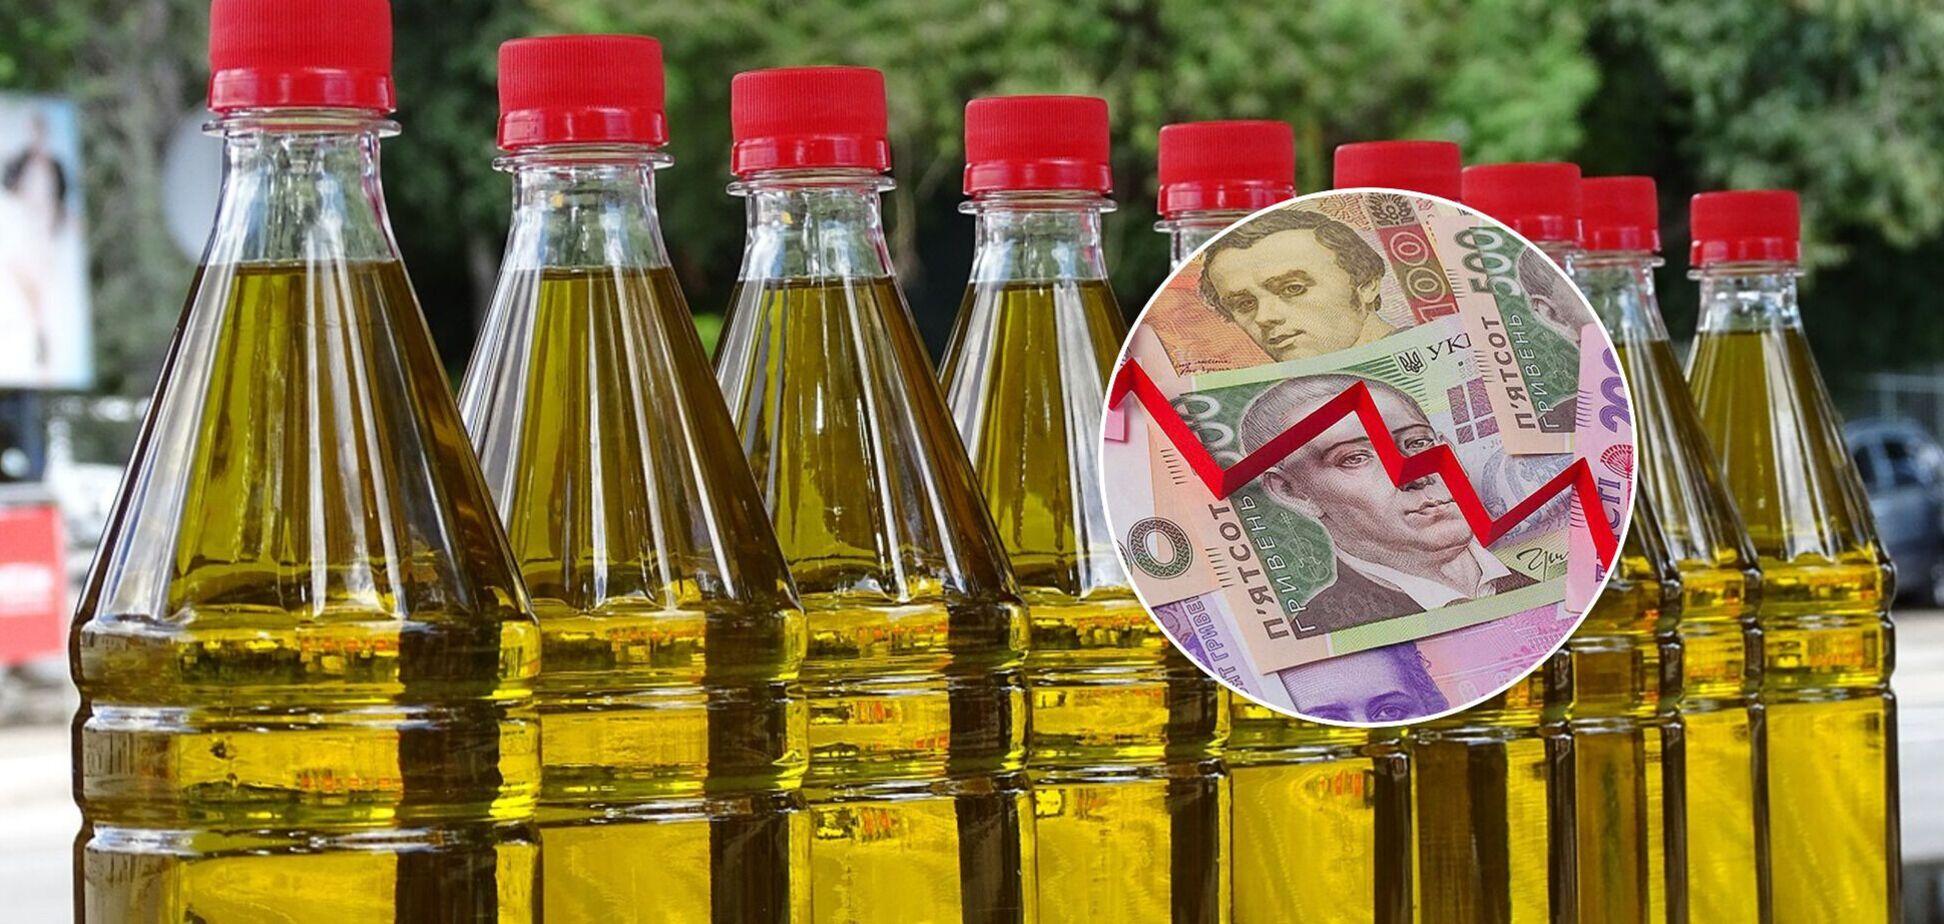 Мировые цены на растительные масла, сахар и зерновые резко взлетели: как повлияет на стоимость в Украине